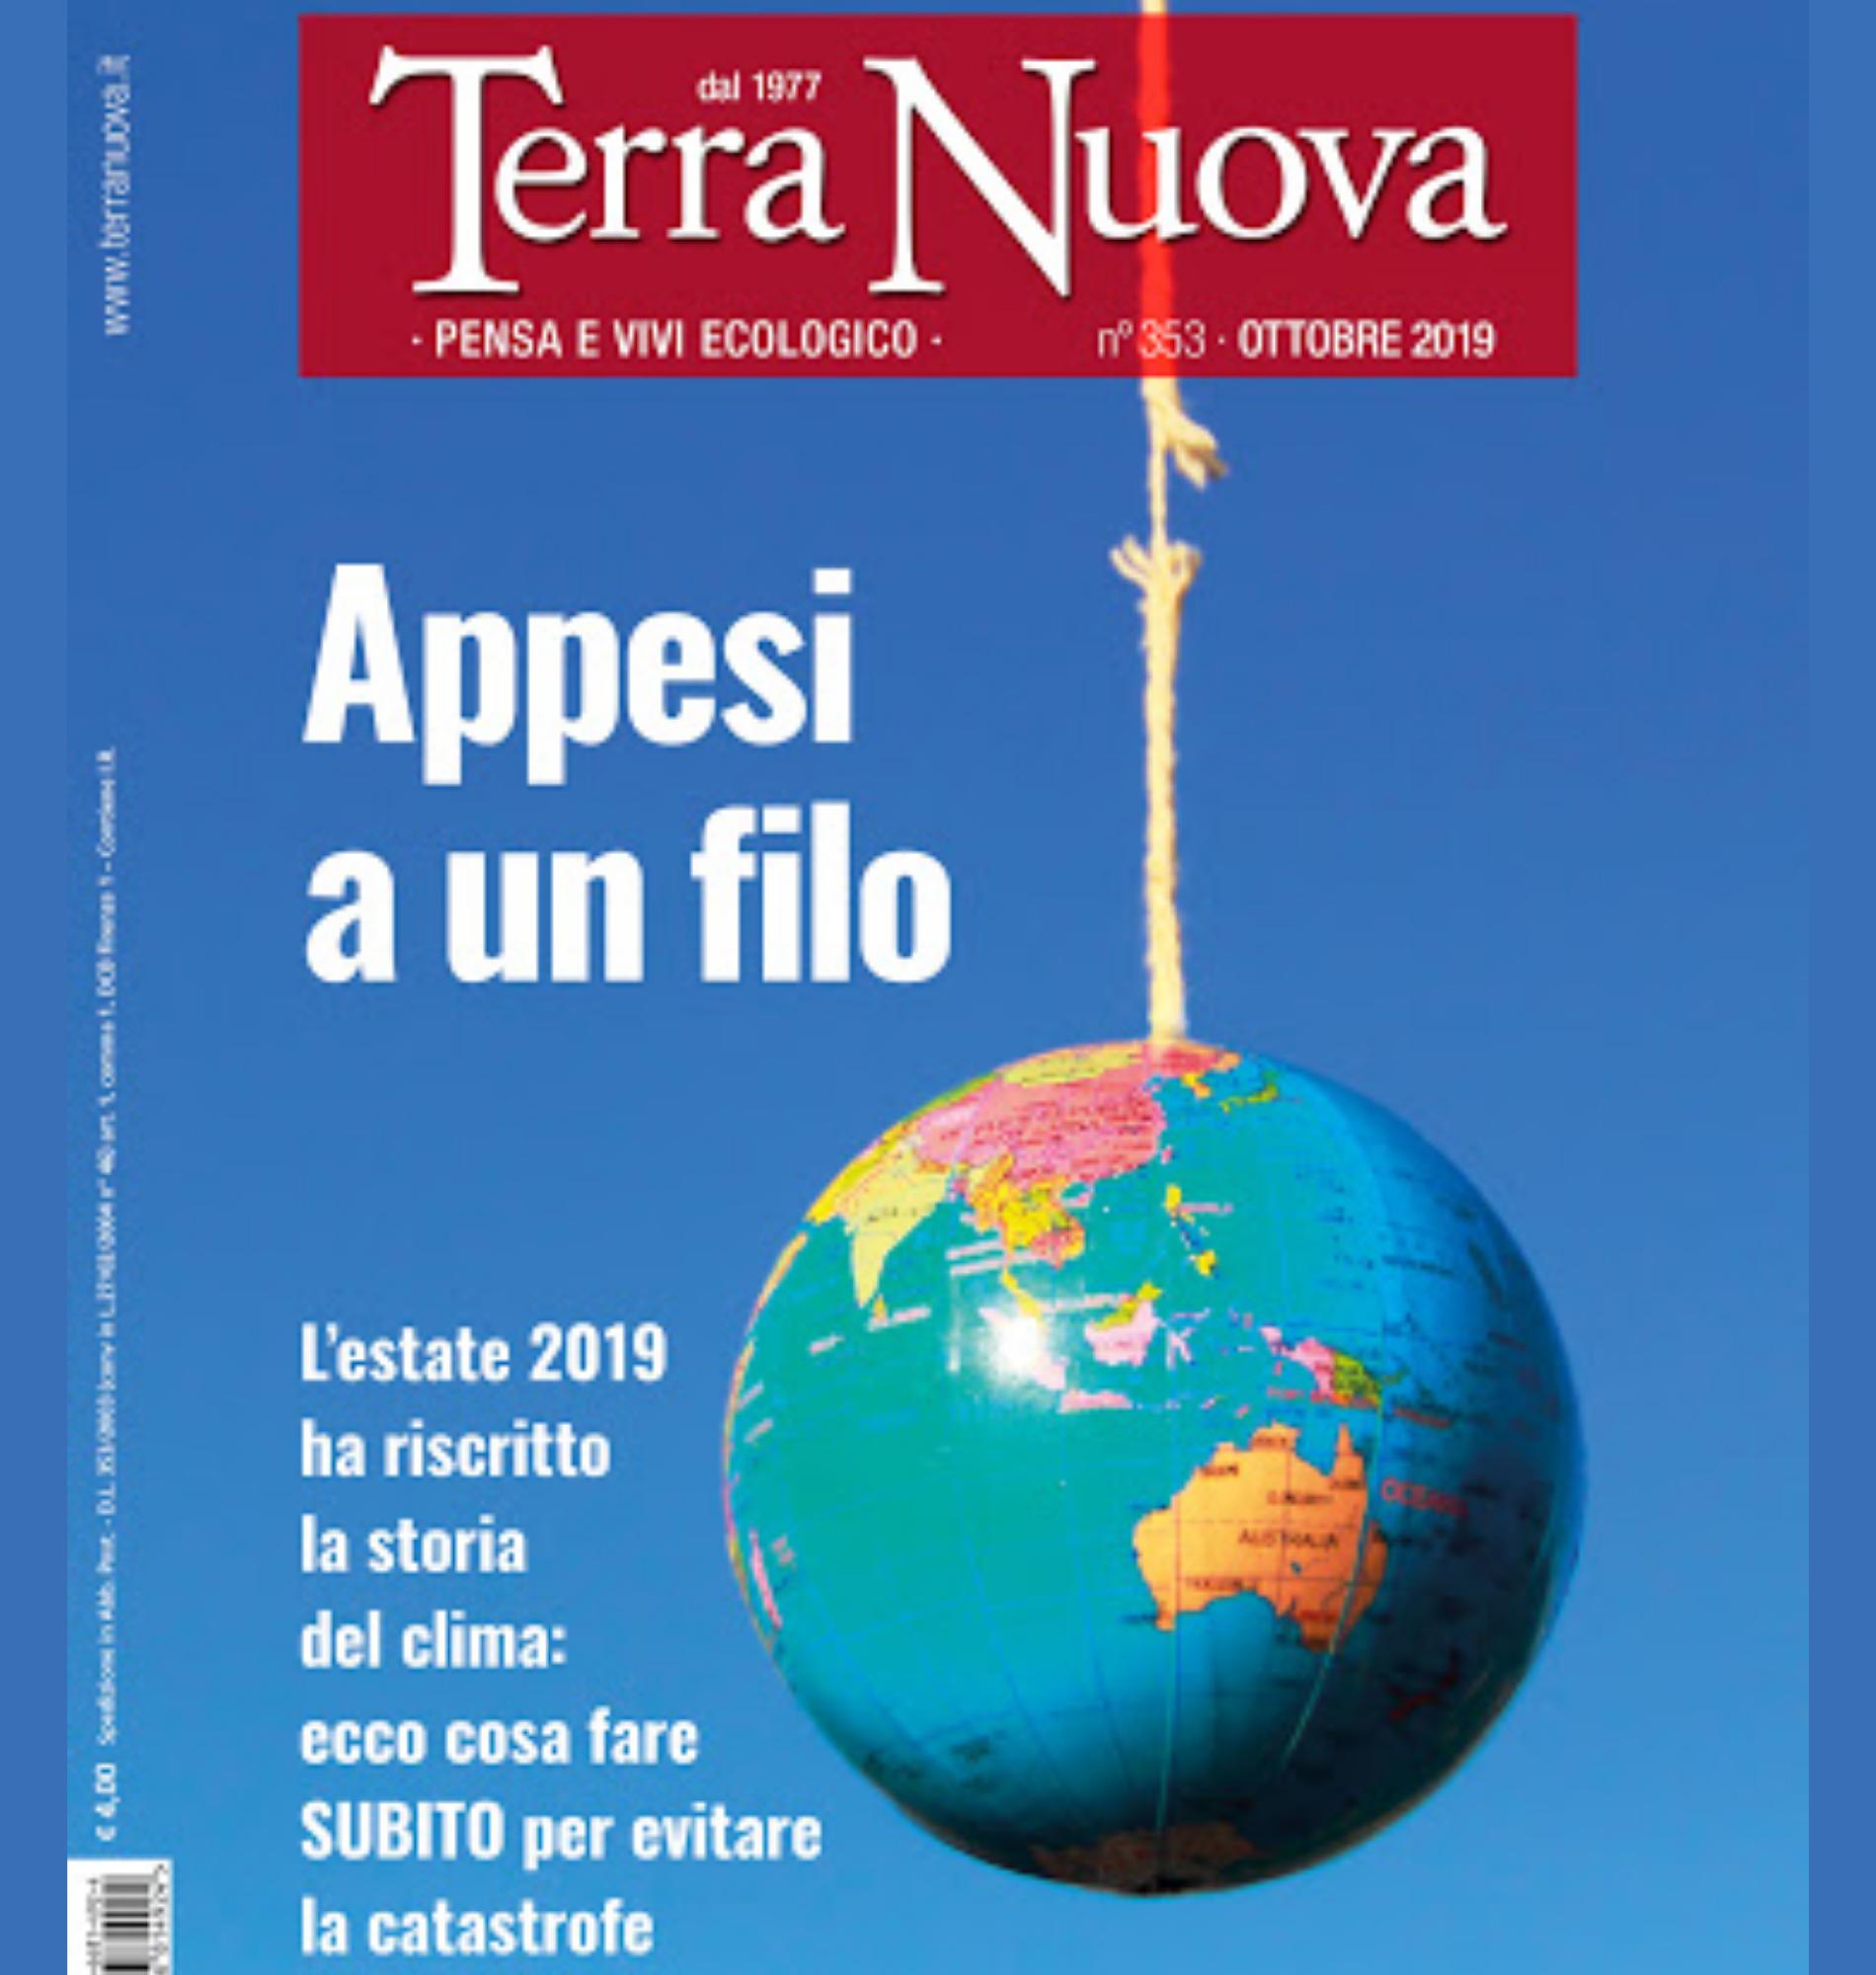 Copertina Rivista Terra Nuova ottobre 2019